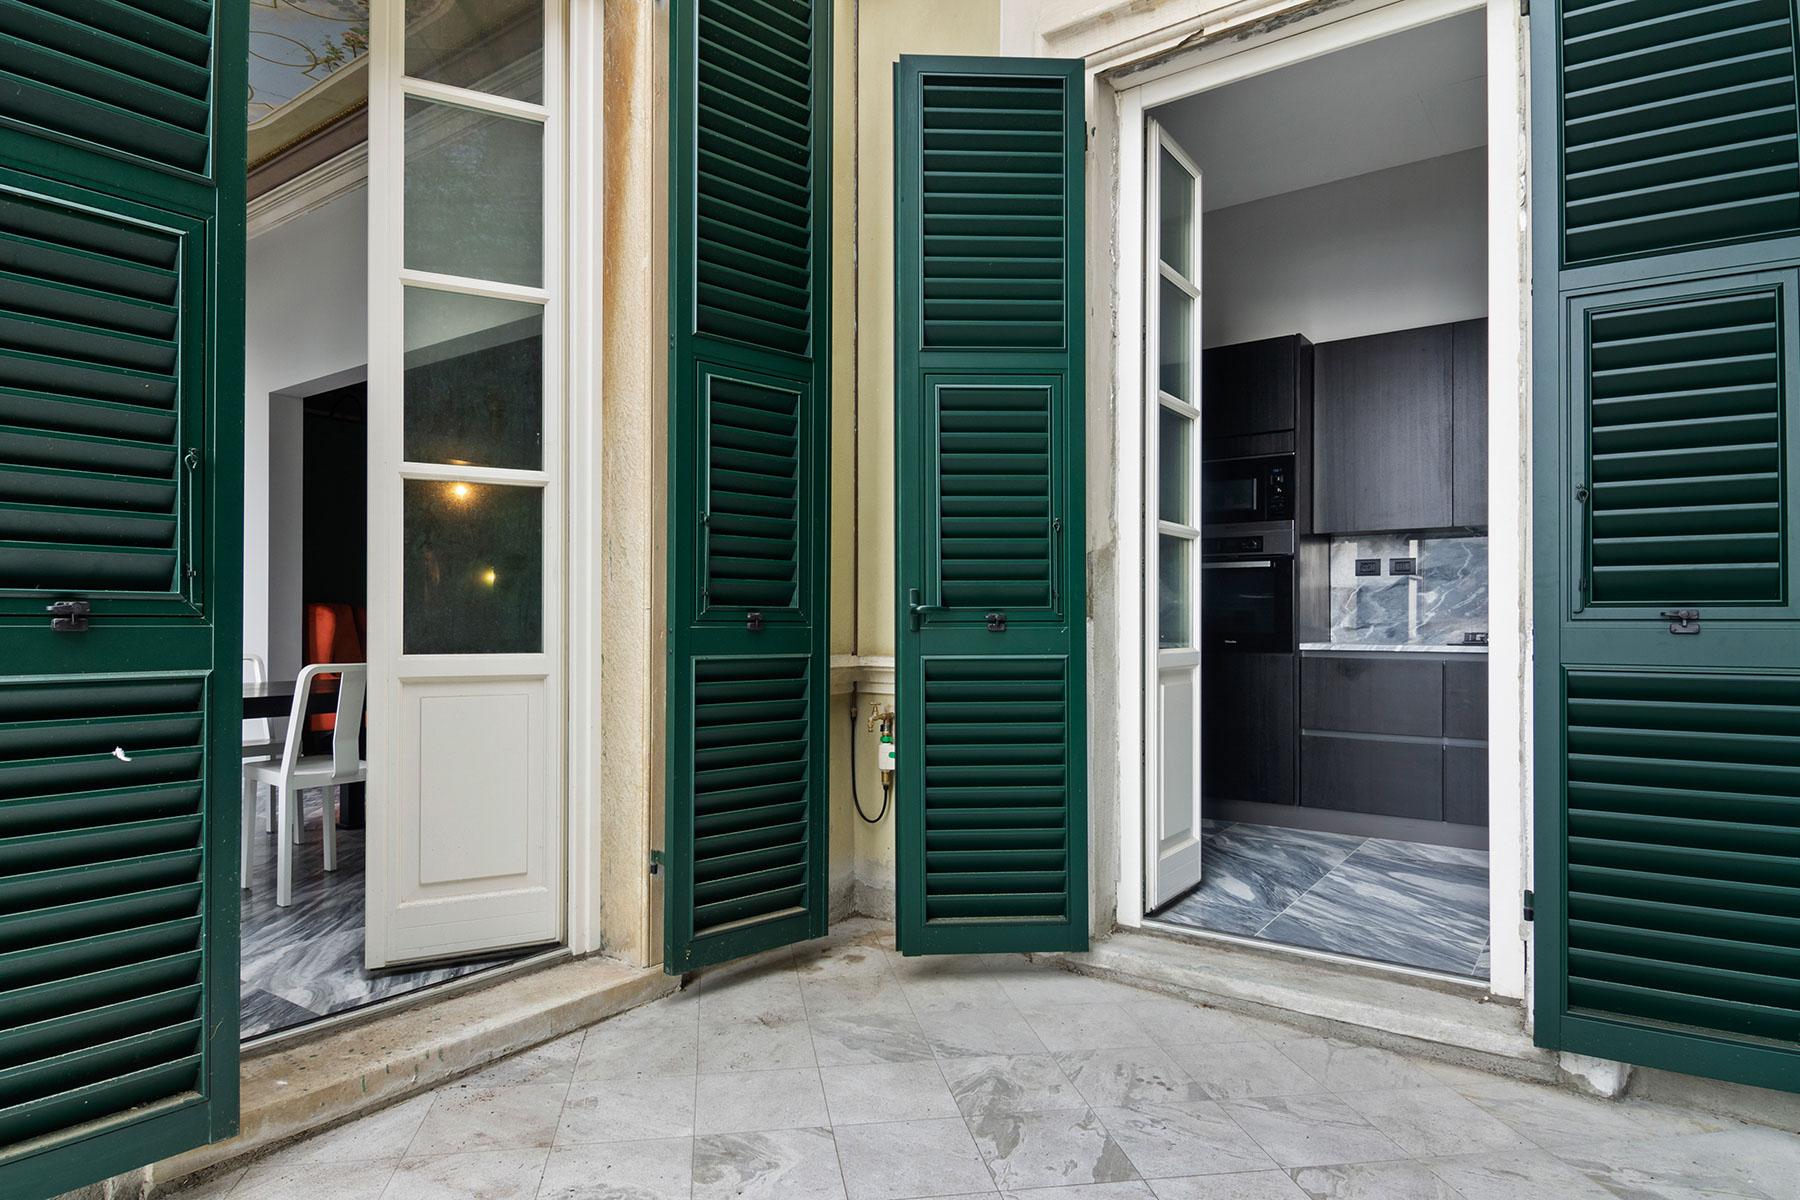 Appartamento in Vendita a Santa Margherita Ligure: 5 locali, 150 mq - Foto 19